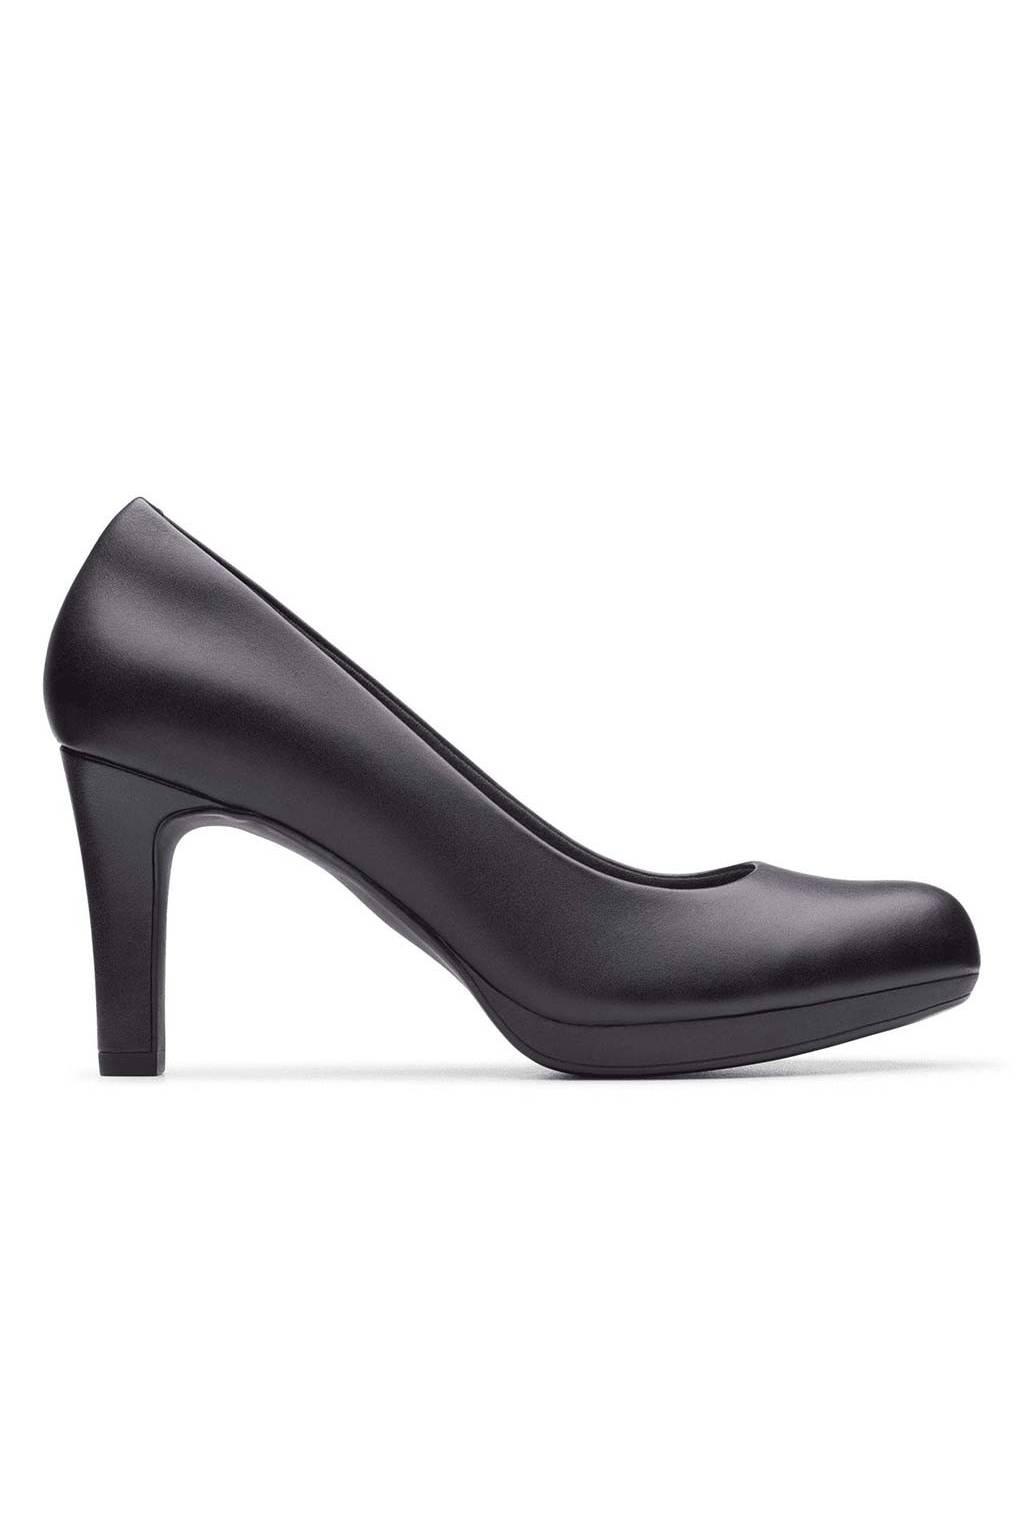 Zapato para mujer Clarks Adriel Viola Black Leather medinapiel.es